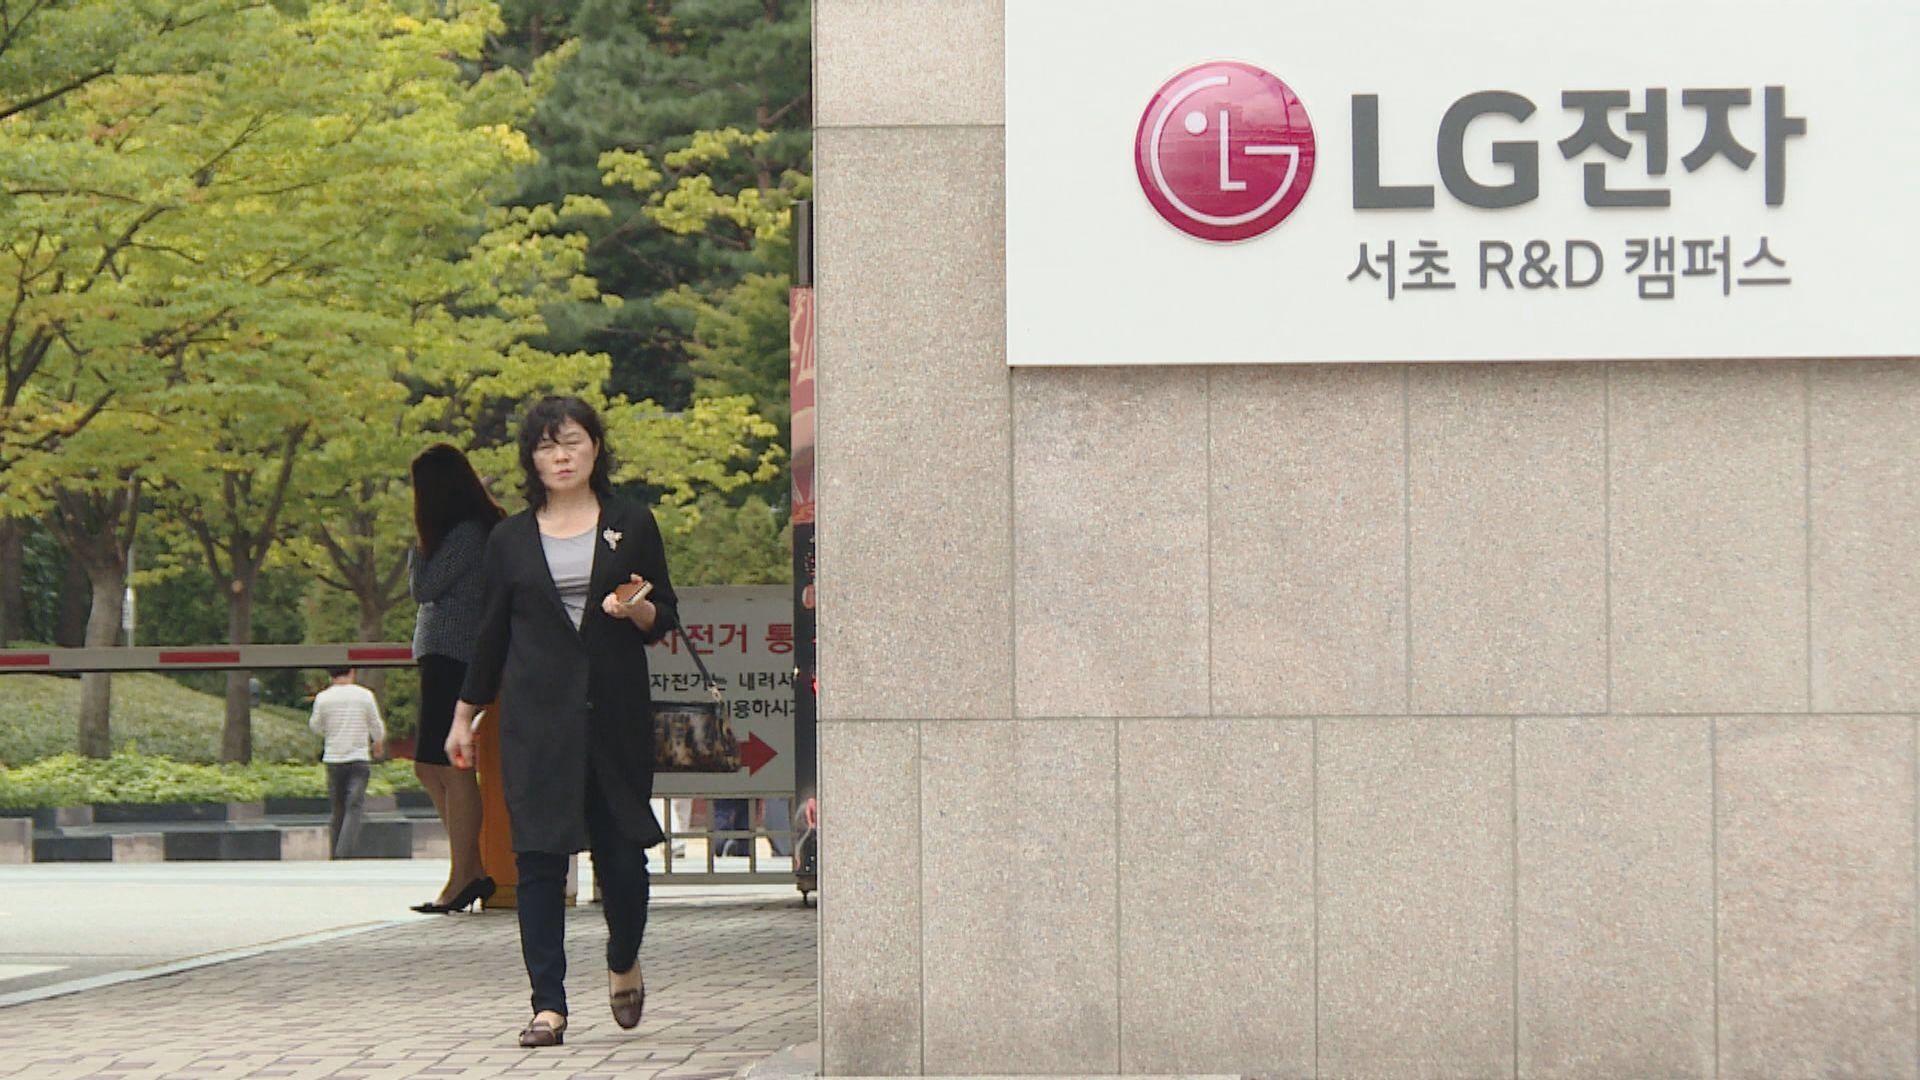 【中美科技戰】美要求南韓、LG加入「封殺華為聯盟」